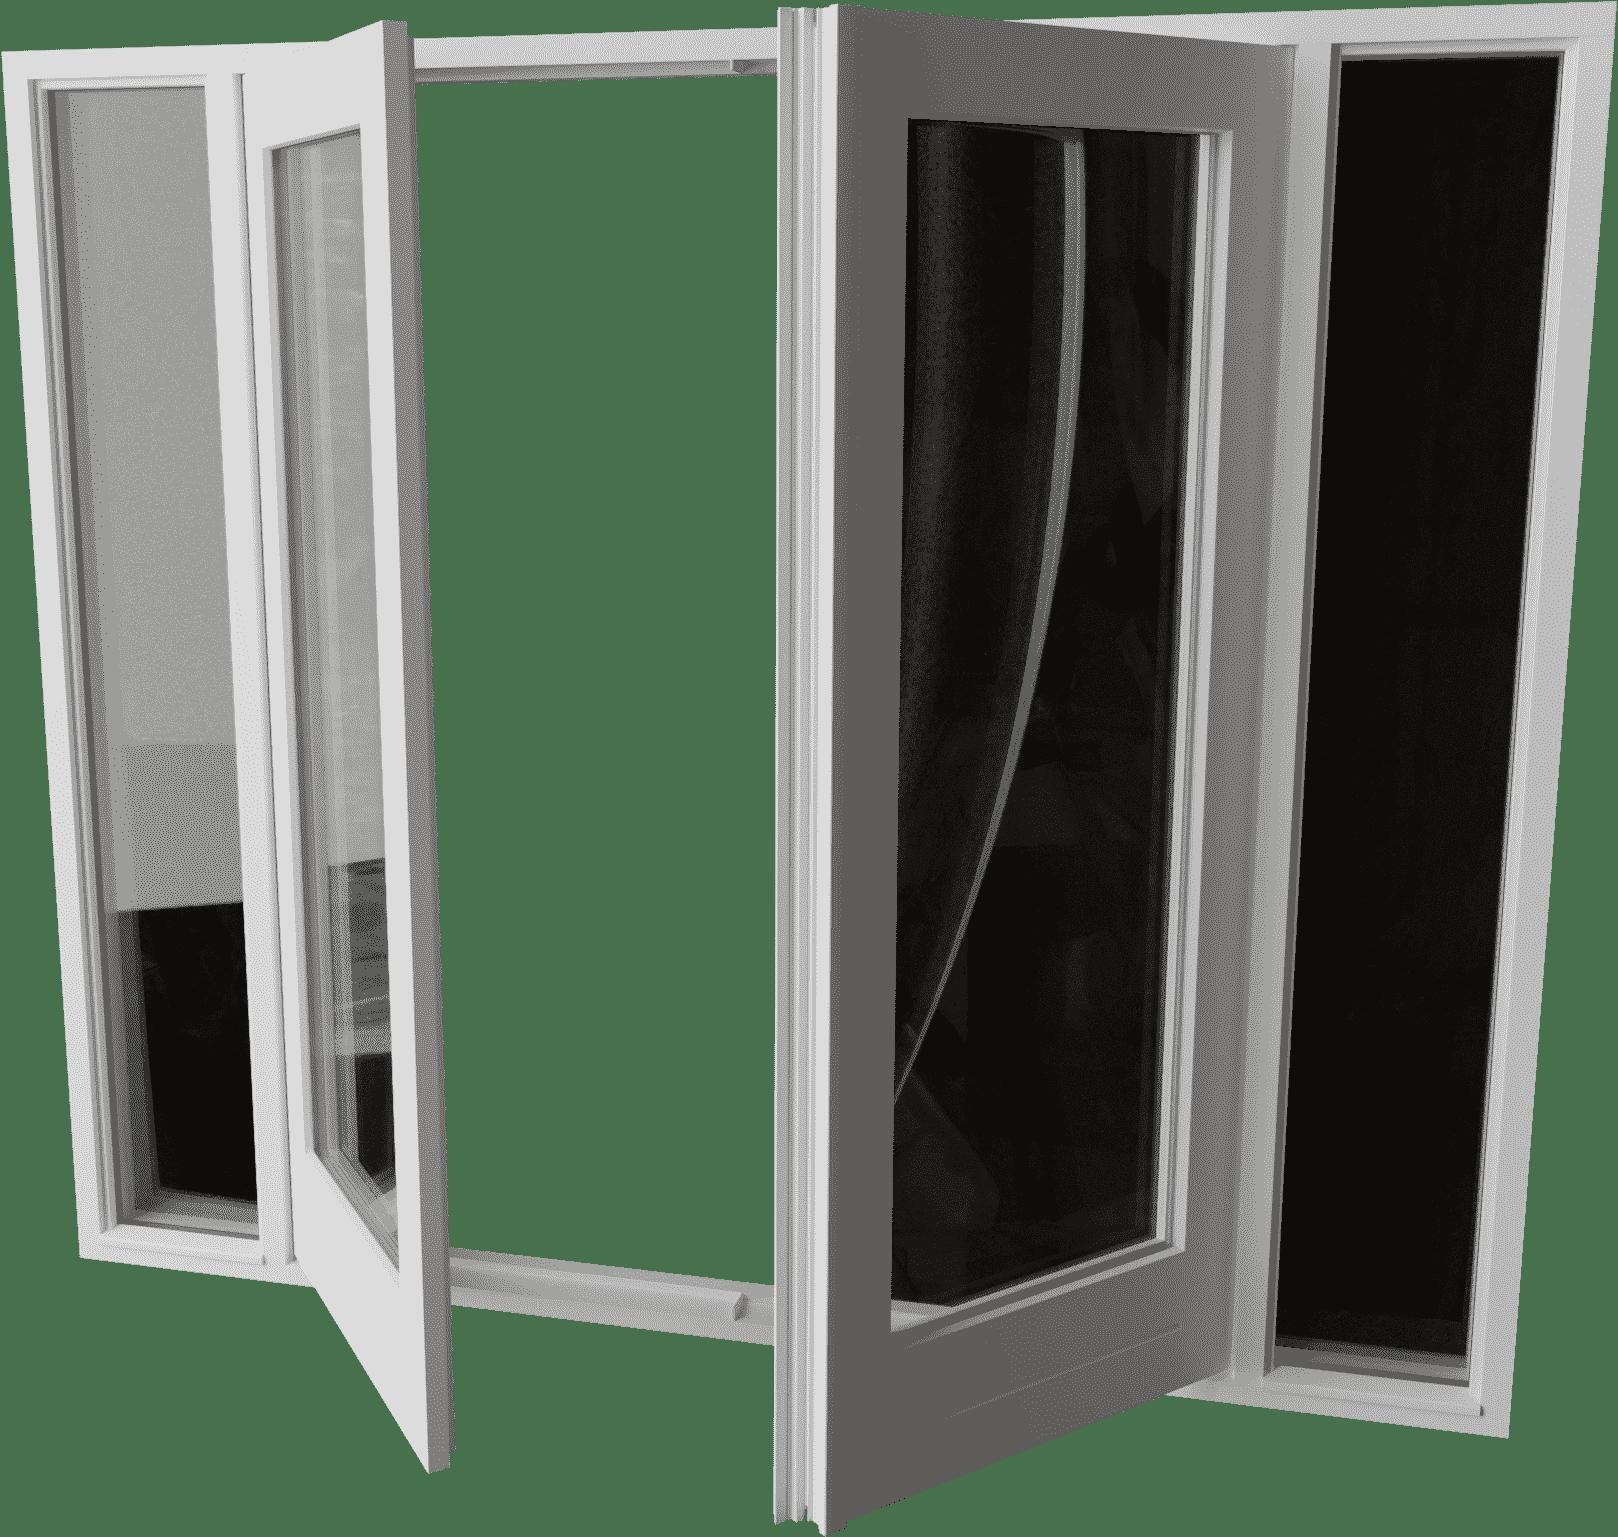 Buitendraaiende stolpdeur met zijlichten